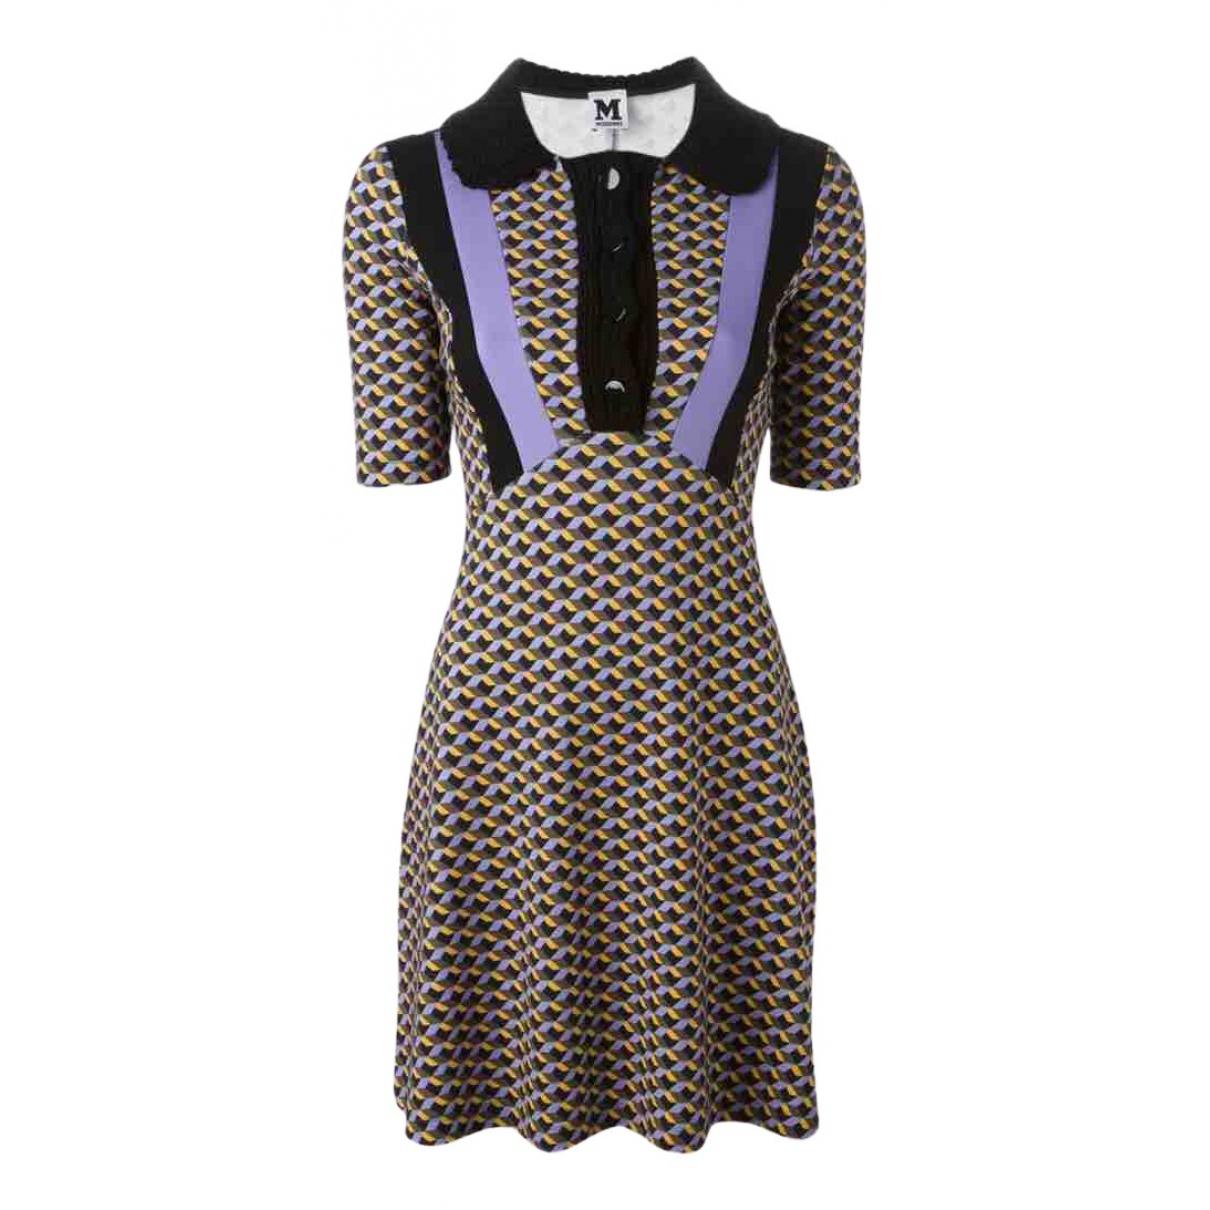 M Missoni \N Multicolour dress for Women S International